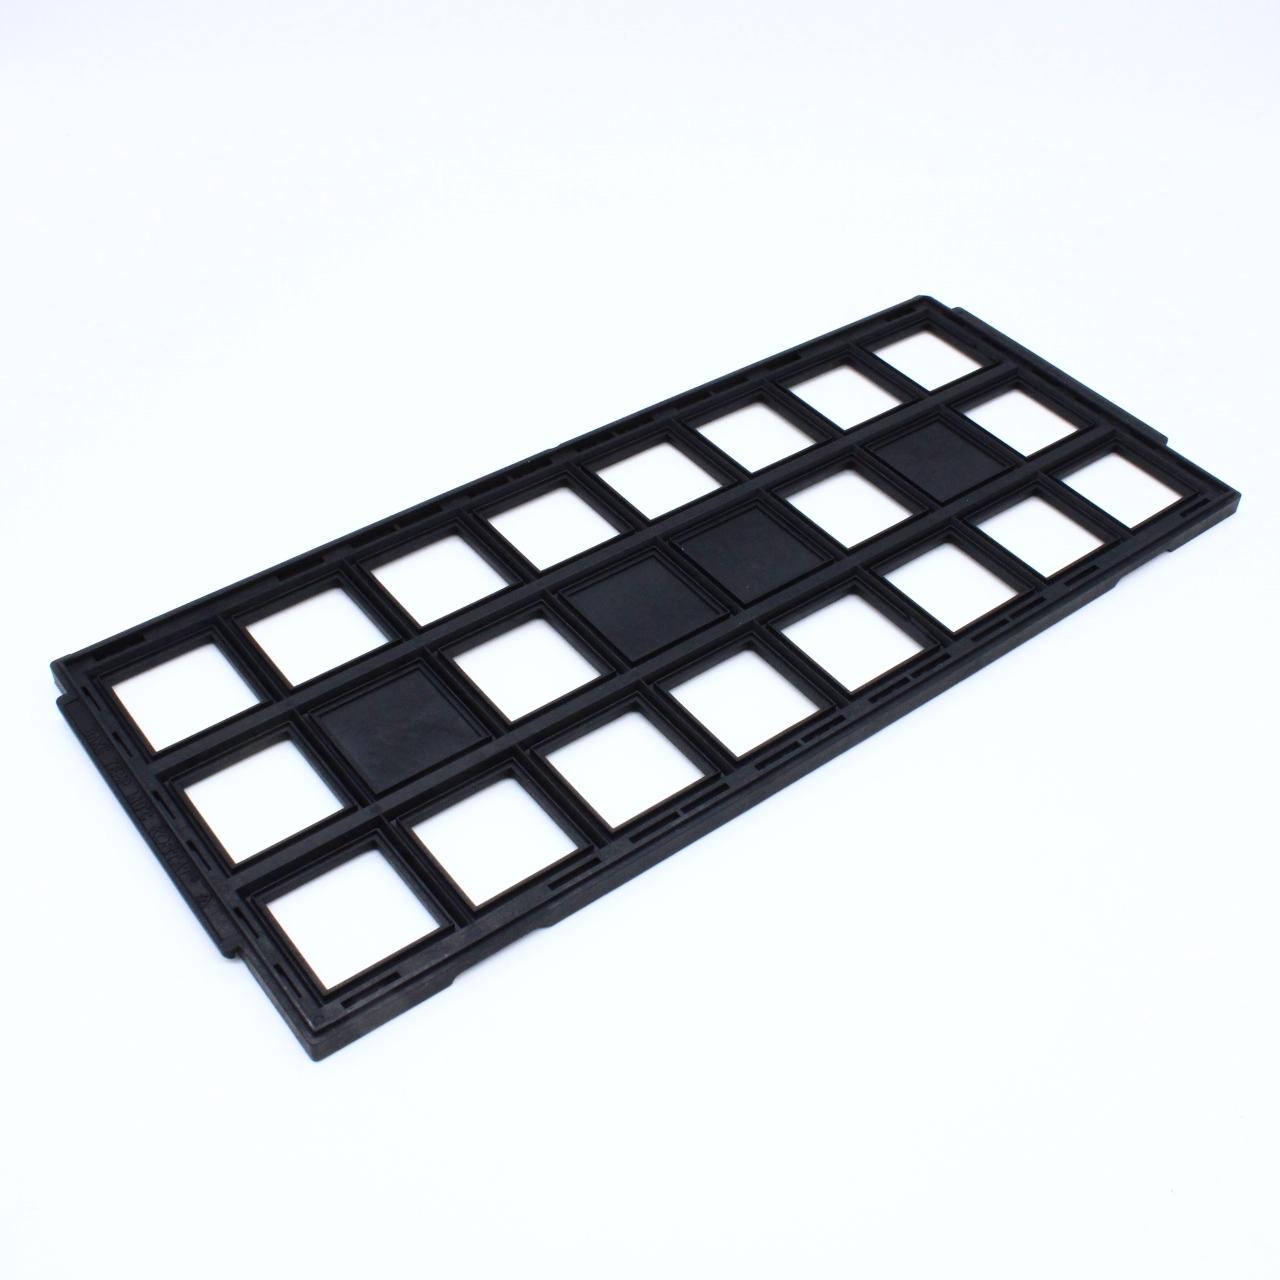 Tray LQFP 32*32